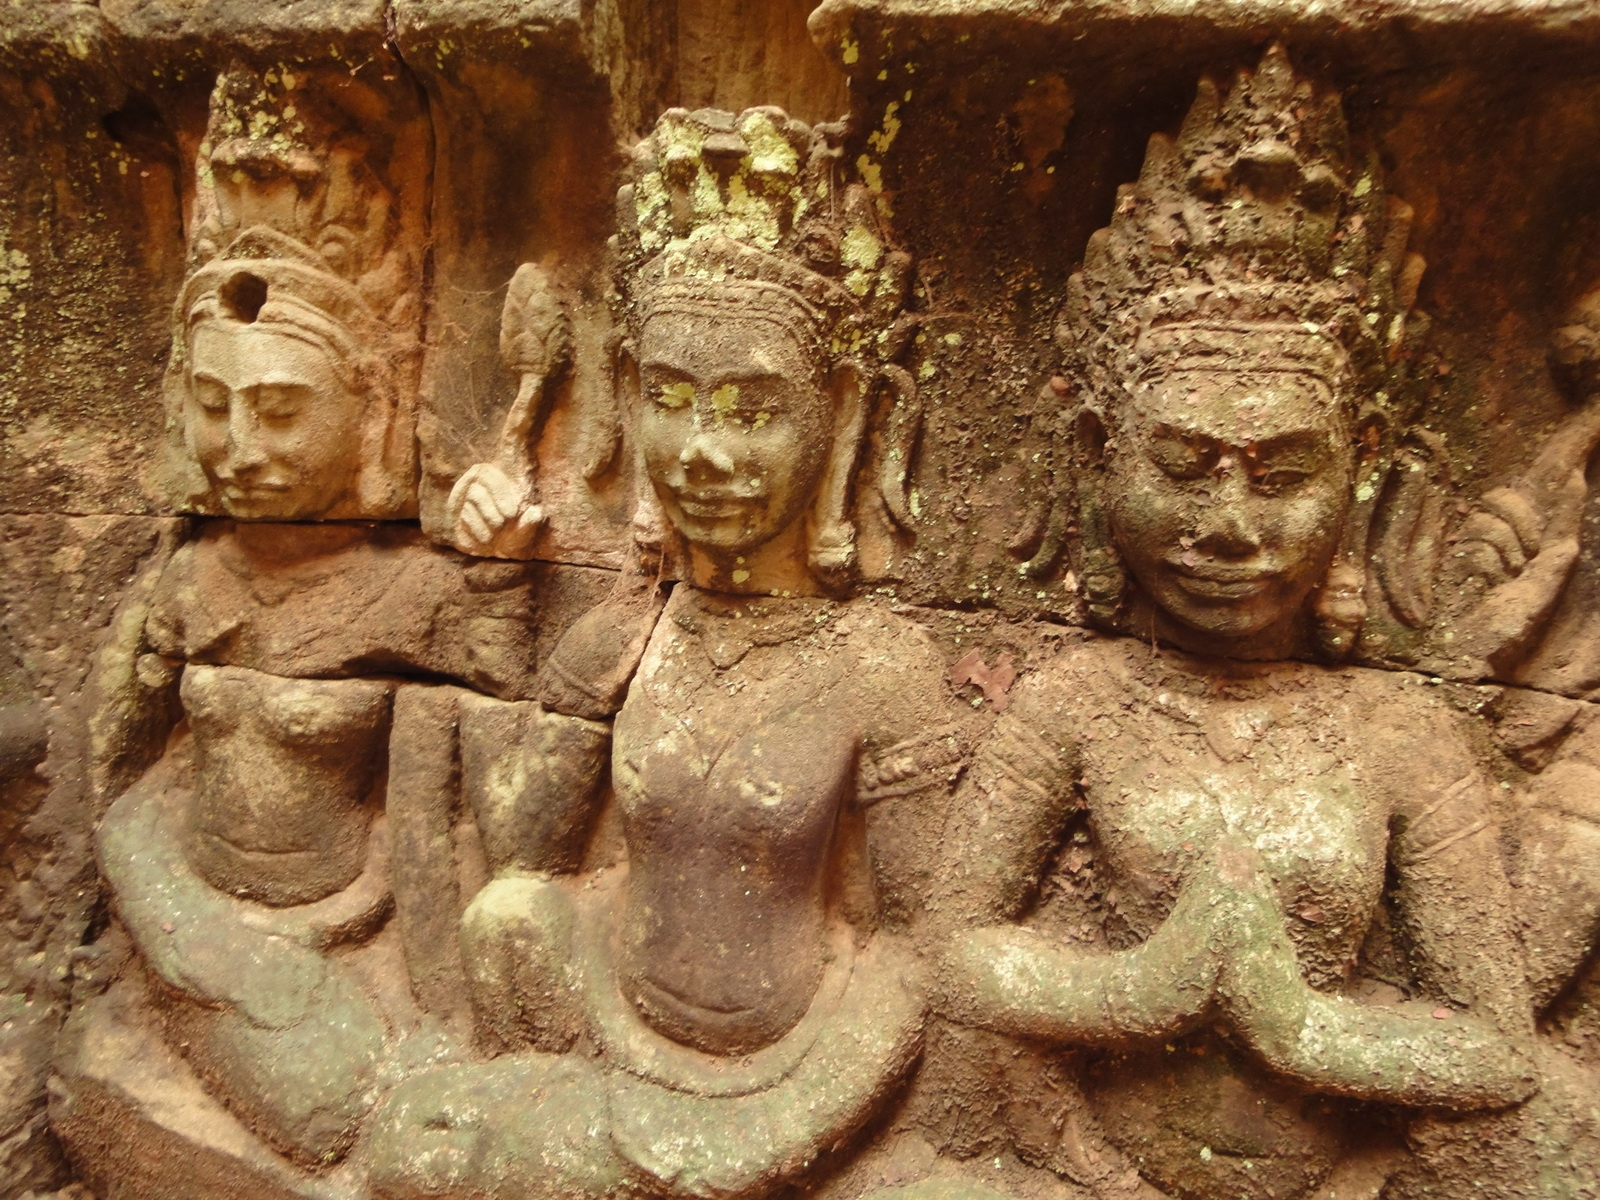 Leper King Terrace hidden wall underworld Nagas and deities 123